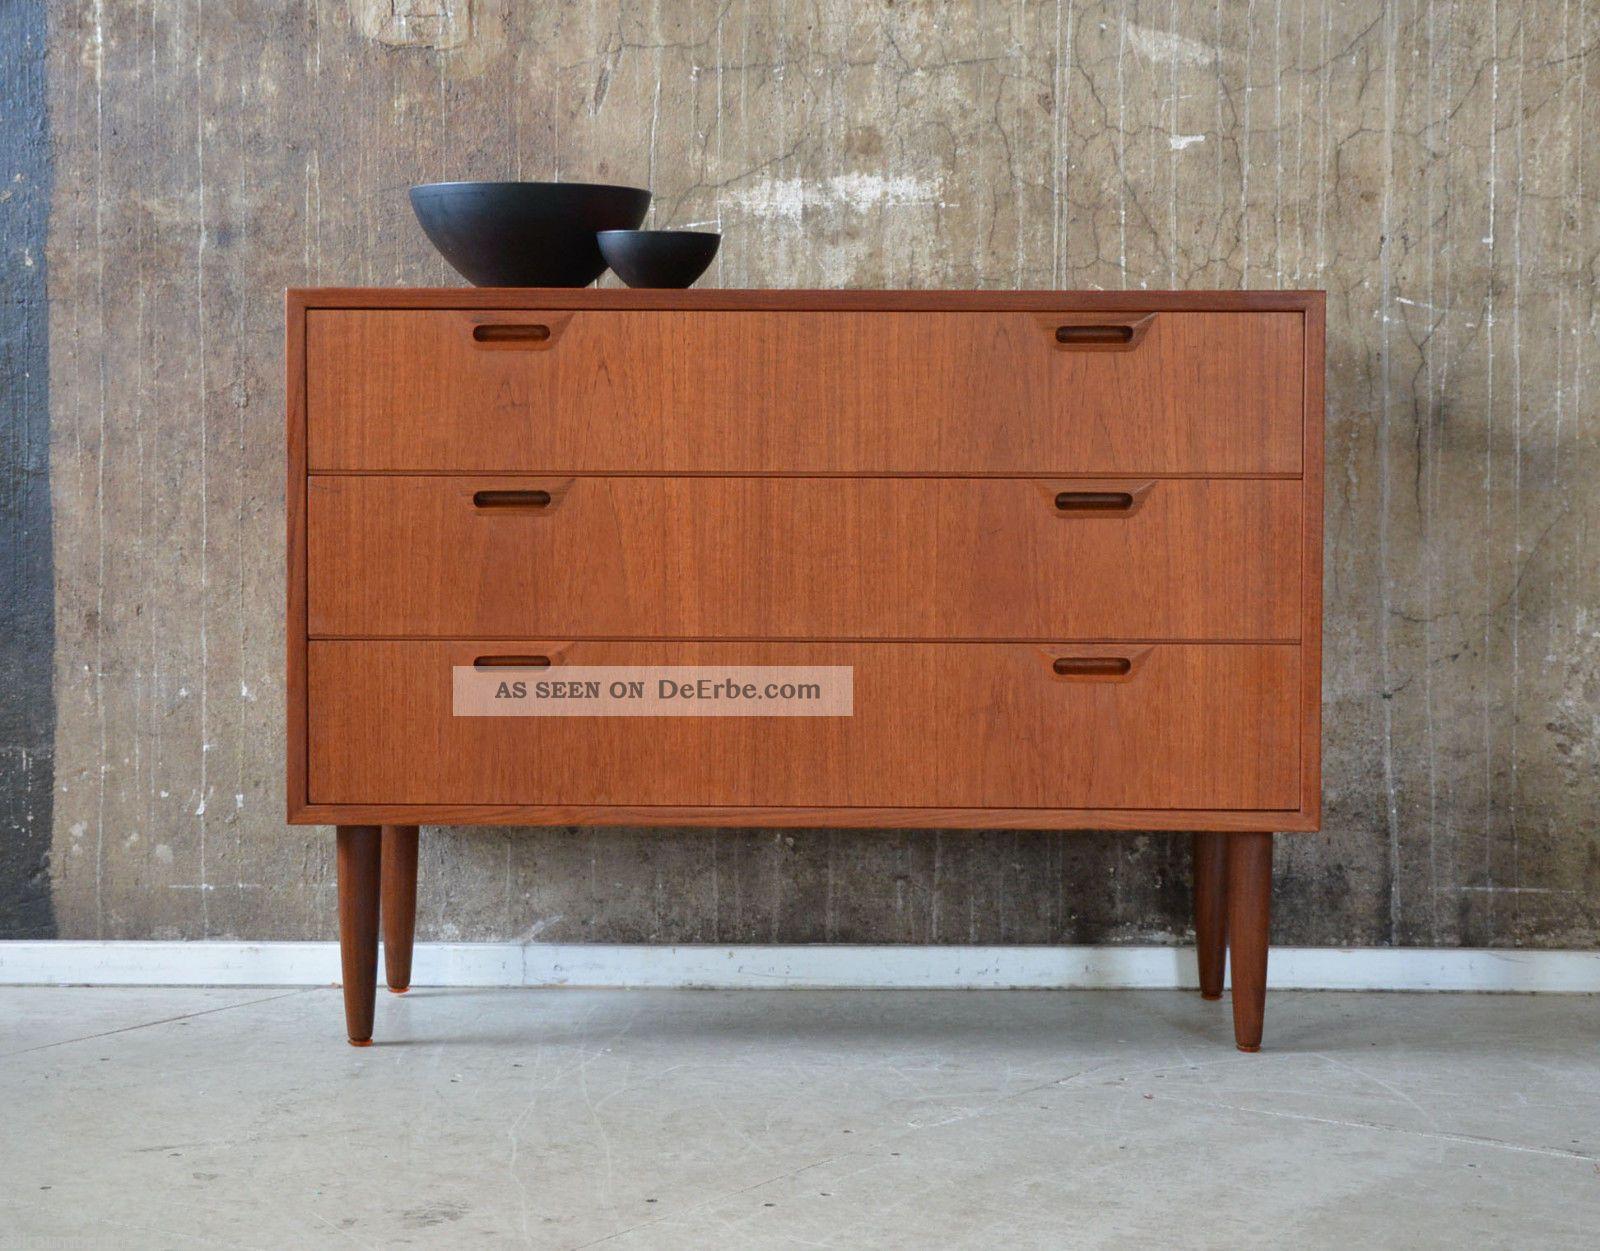 60er teak kommode danish design 60s teakwood cabinet chest of drawers sideboard. Black Bedroom Furniture Sets. Home Design Ideas